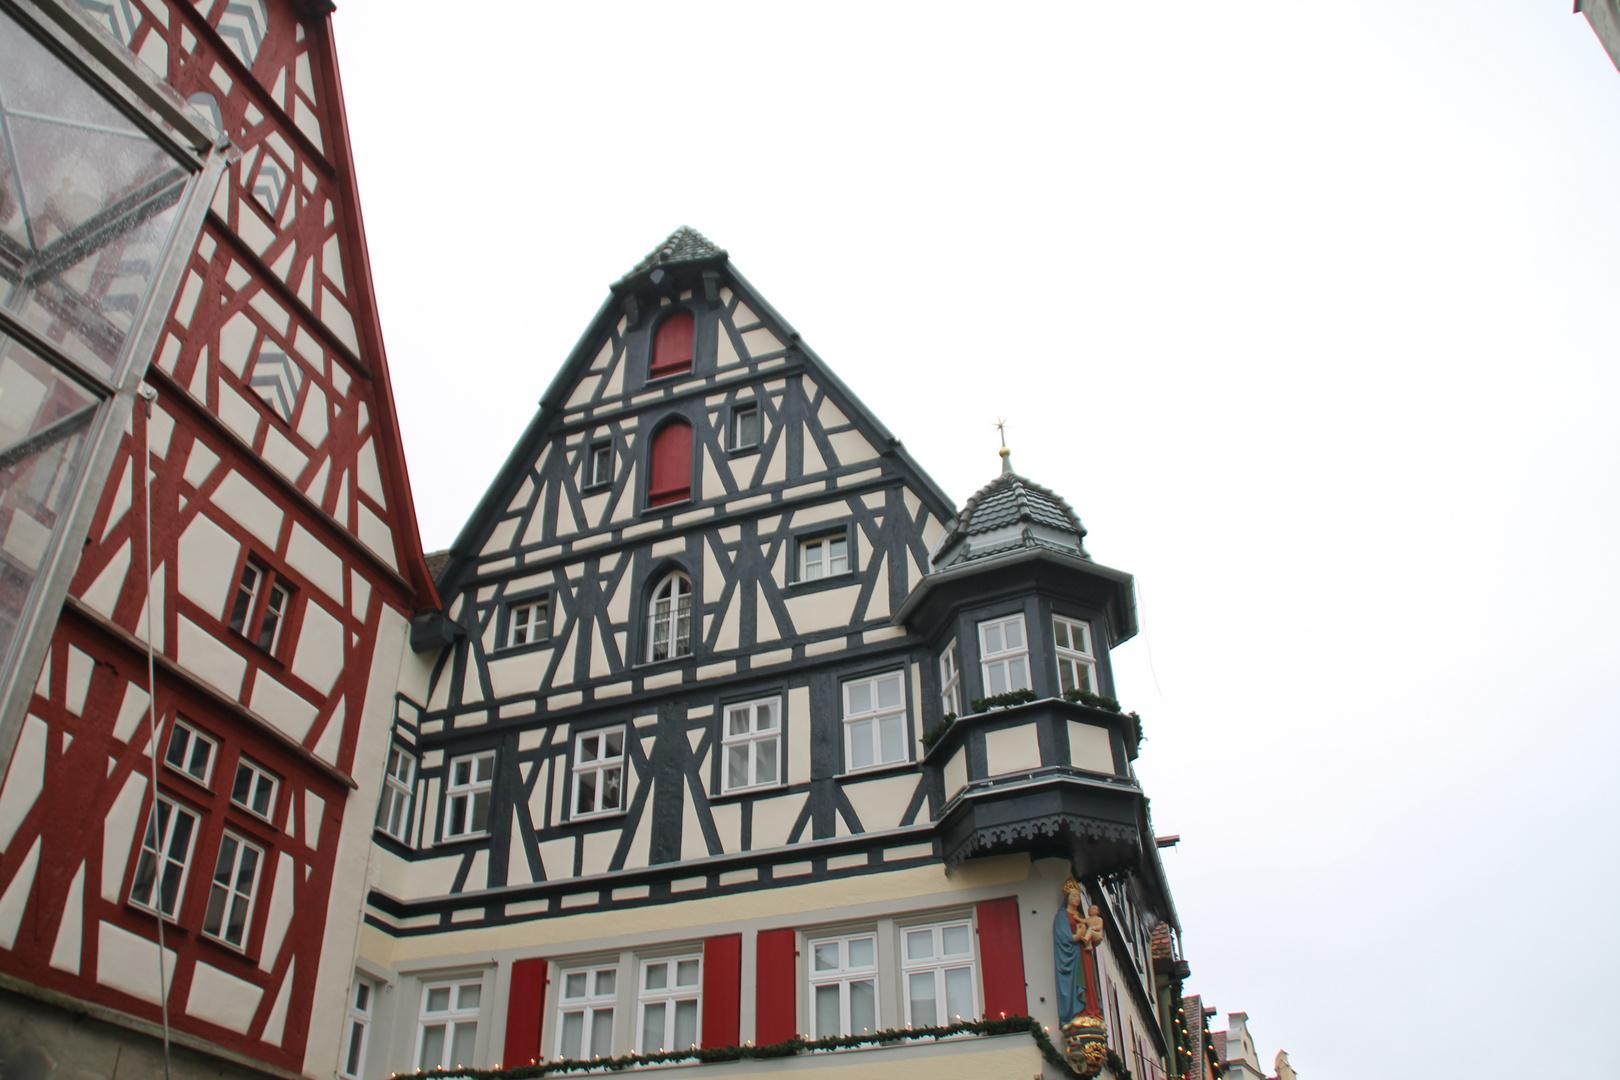 Alte Fachwerkhäuser in Rothenburg o.d.Tauber